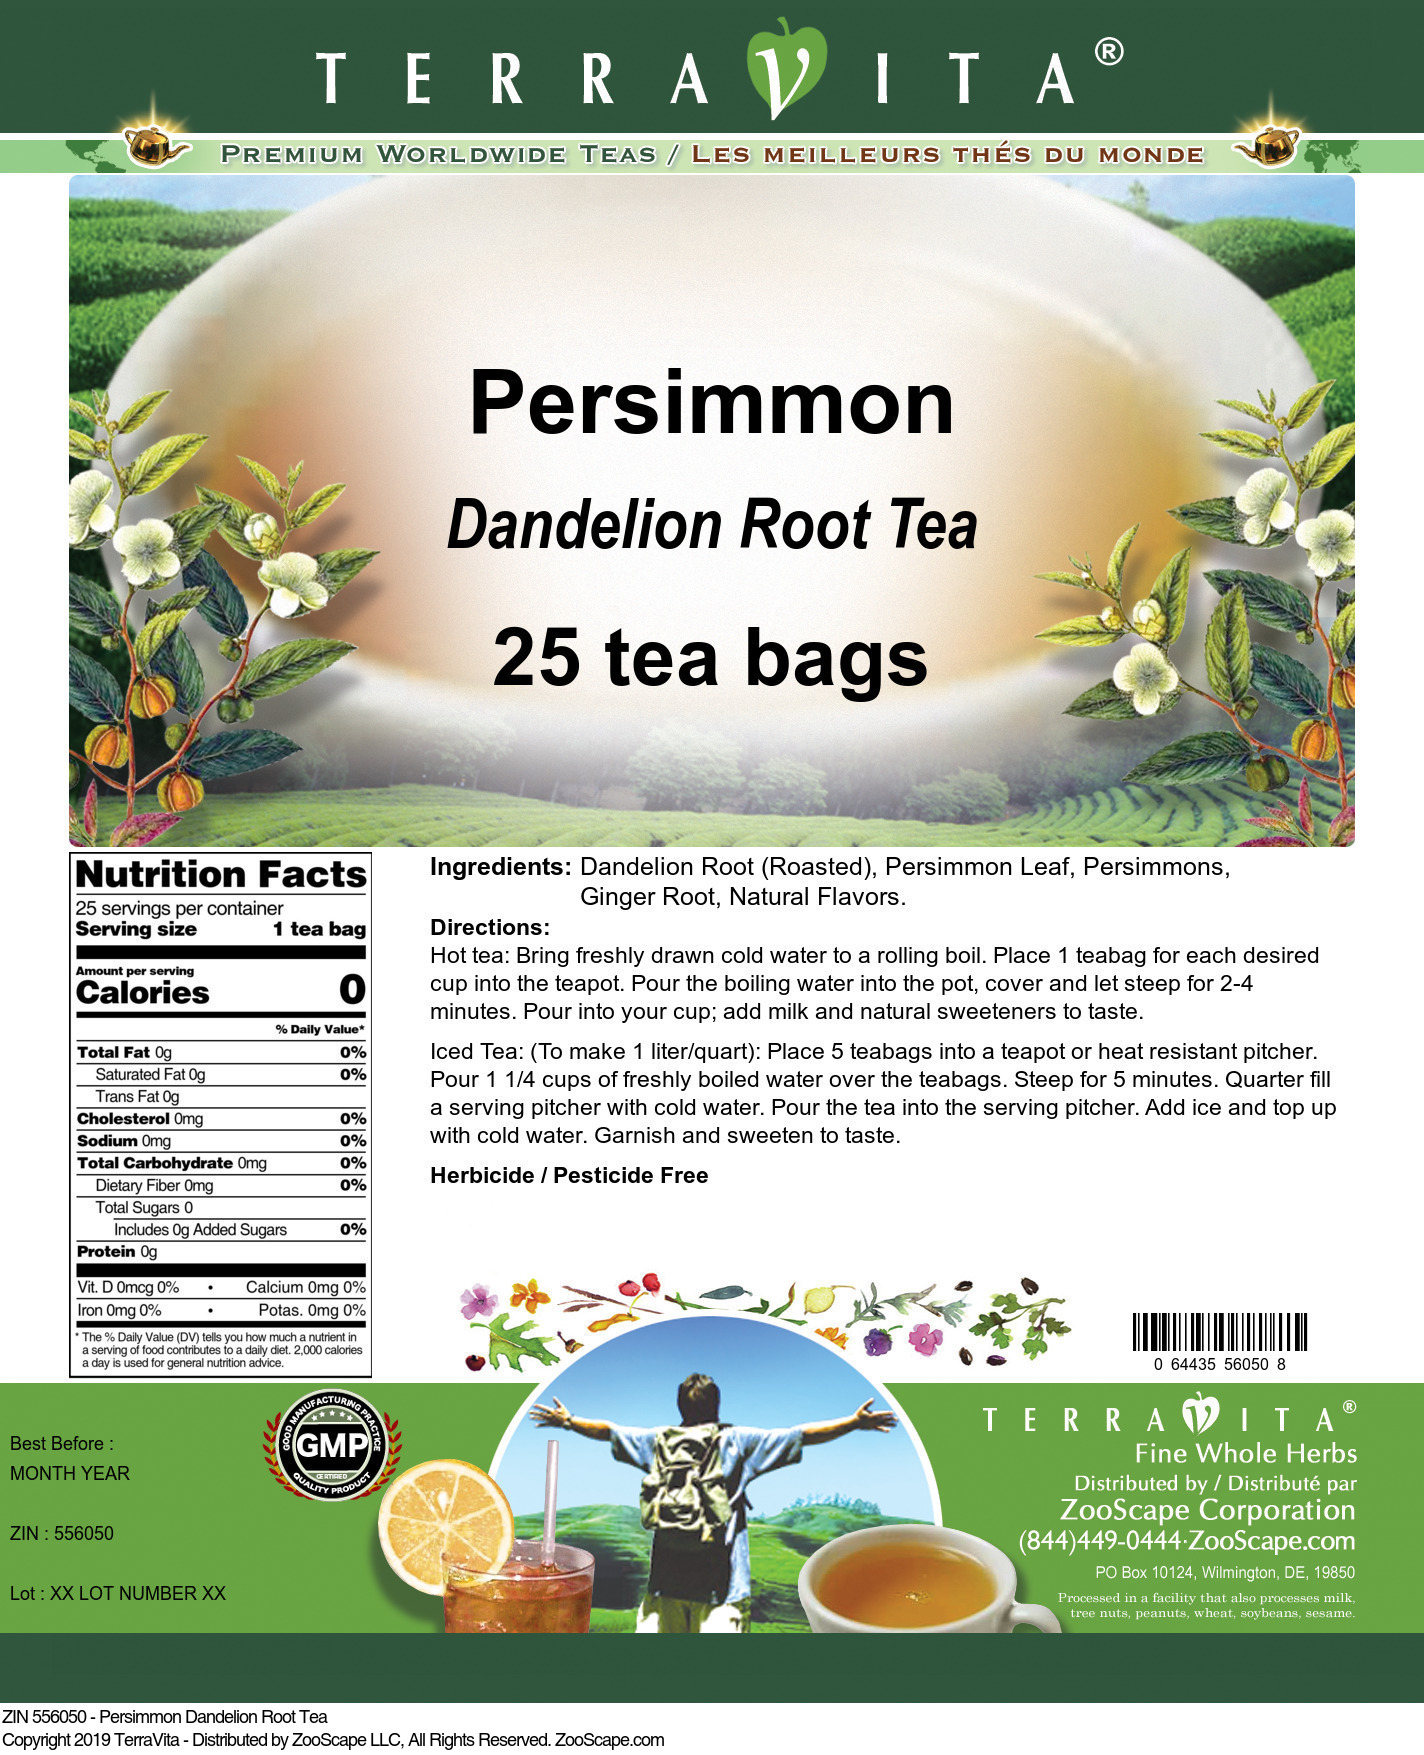 Persimmon Dandelion Root Tea